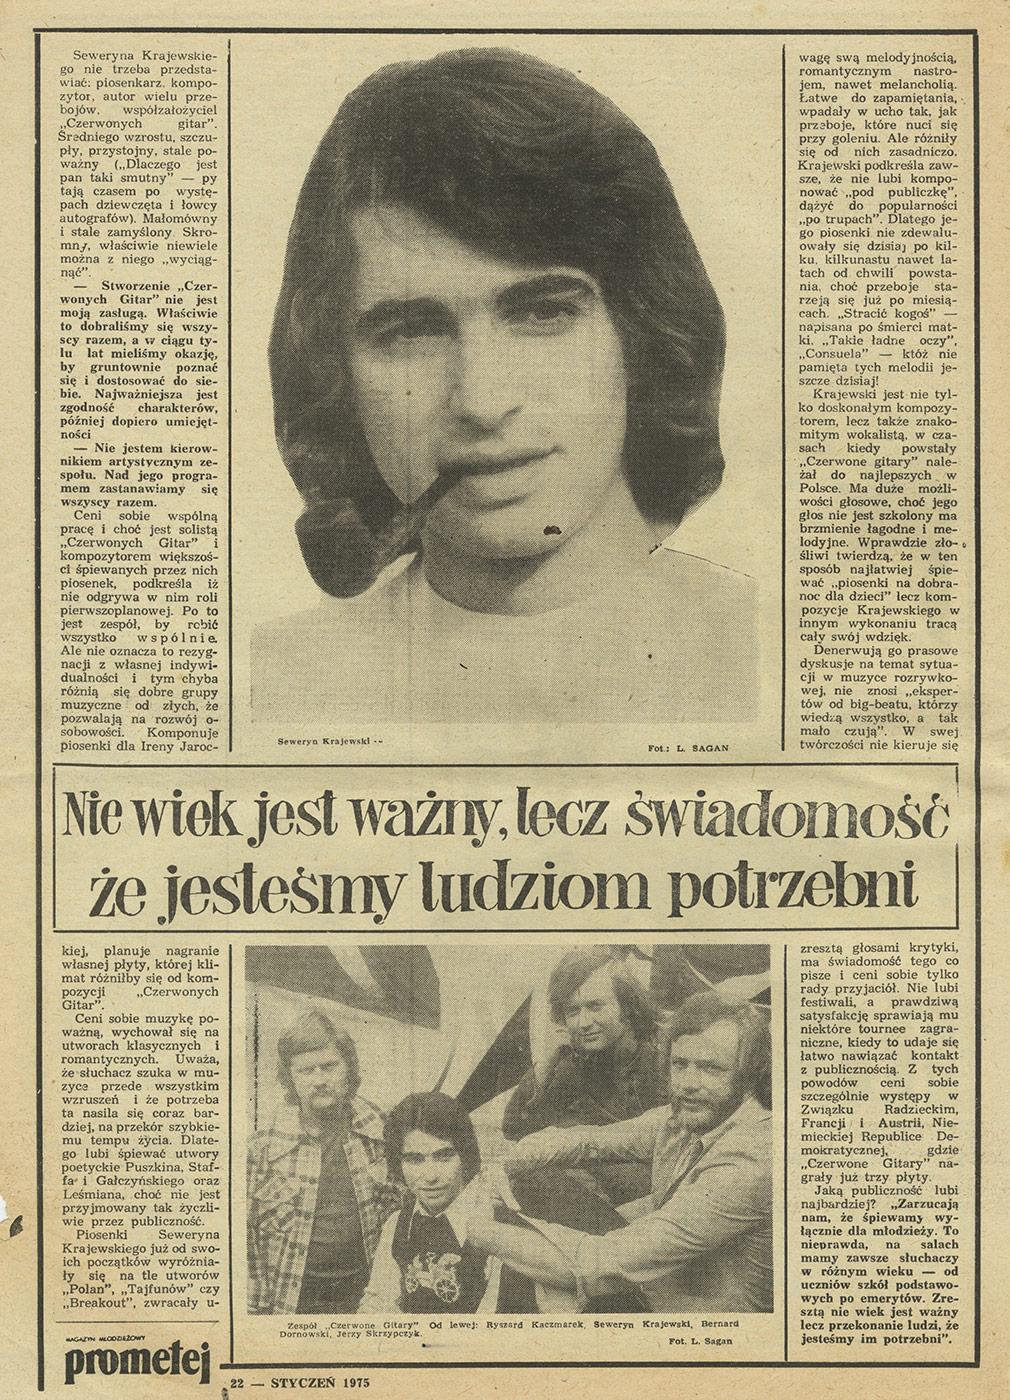 1969-1978_1975_Prometej_nie_wiek_jest_wazny_lecz_swiadomosc_02